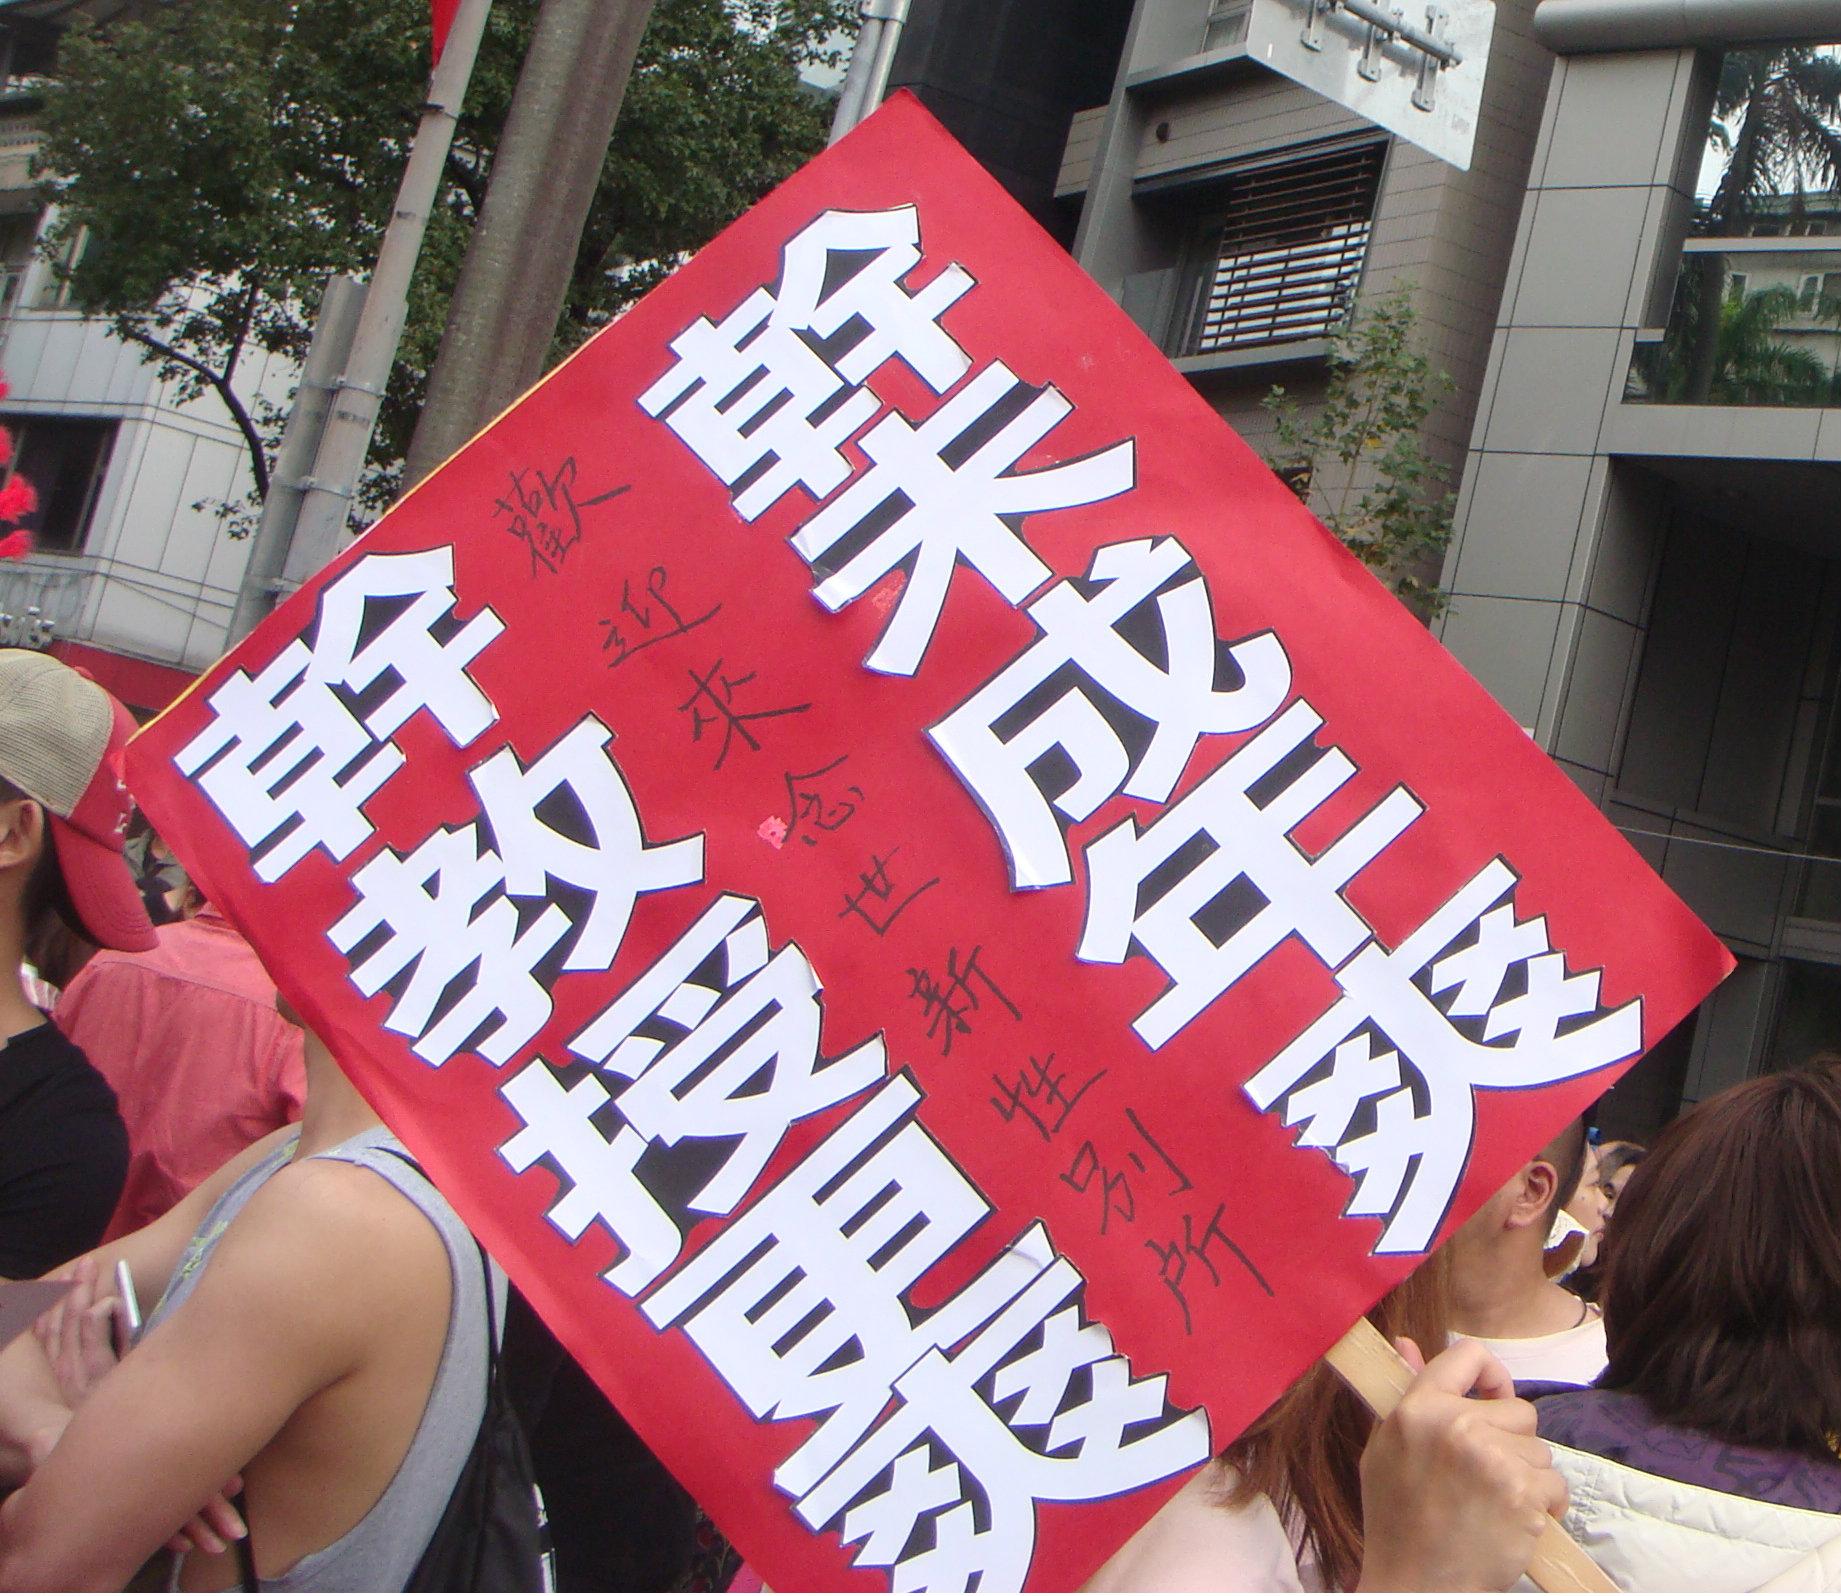 性別研究所學生於2014年 同志遊行 高舉不雅標語,遊行訴求是與未成年人性交,以此作為性別研究所招生的賣點。